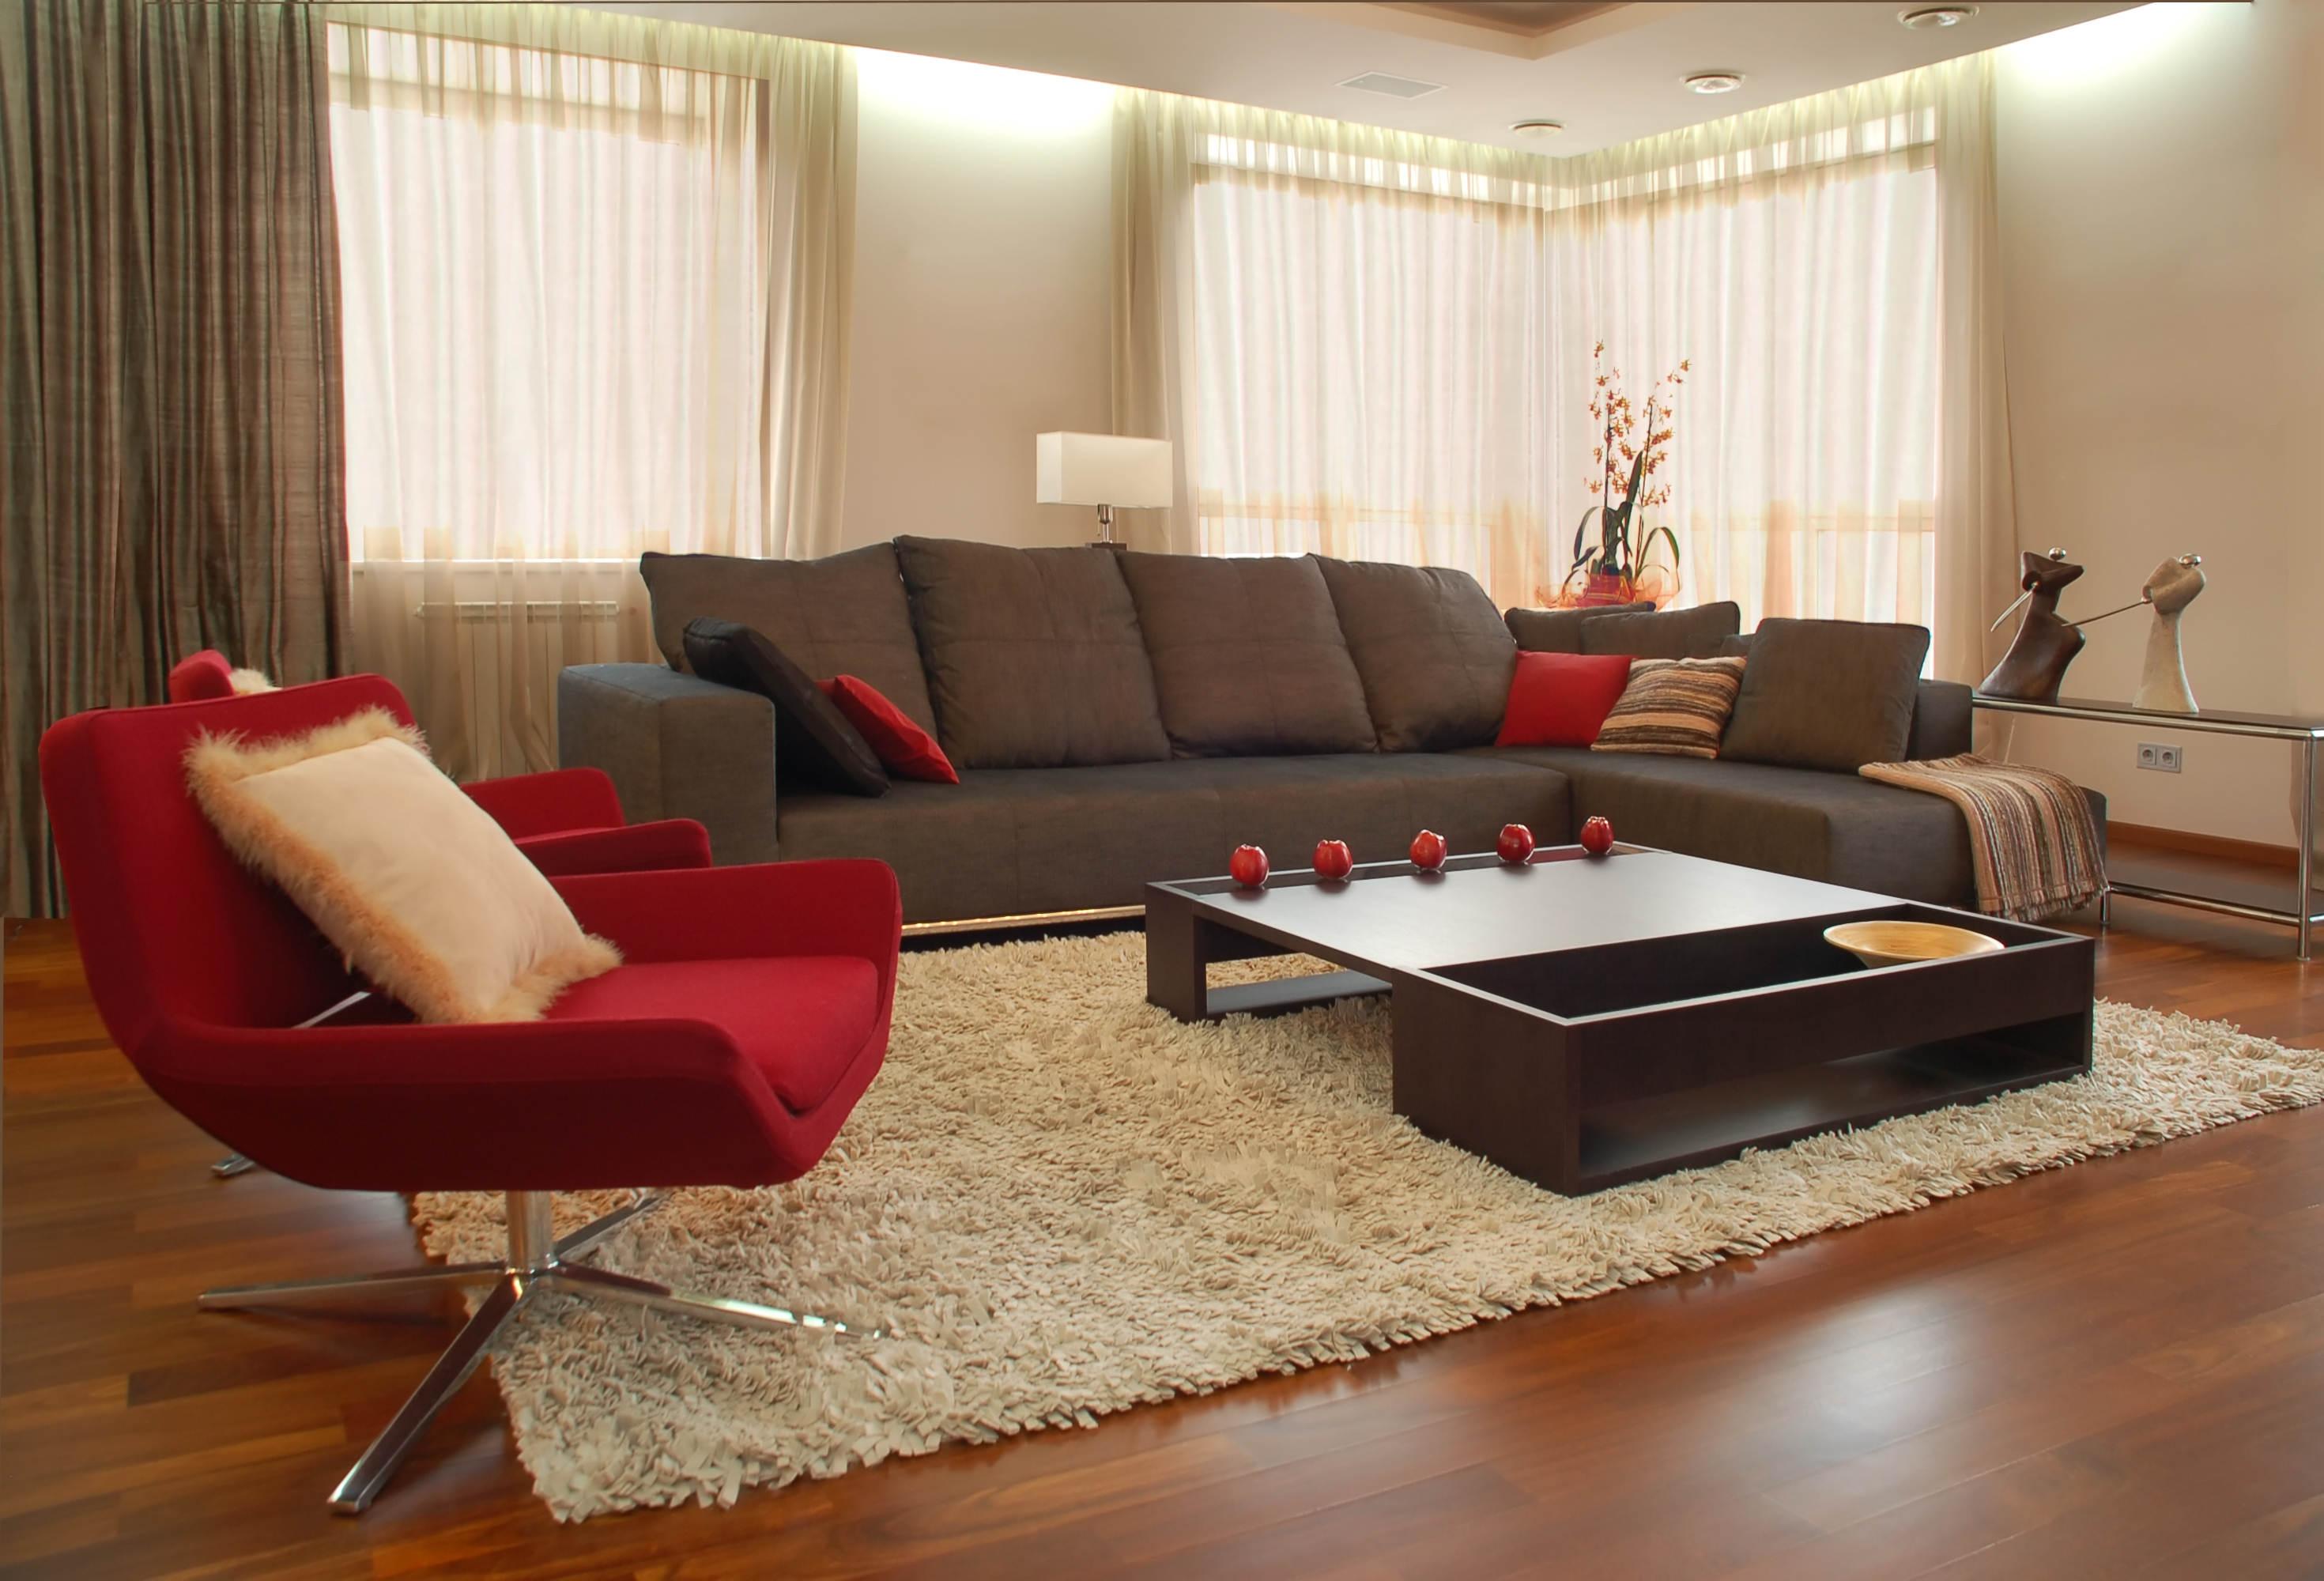 101520 скачать обои Интерьер, Азия, Разное, Дизайн, Мебель, Уют, Гостиная - заставки и картинки бесплатно